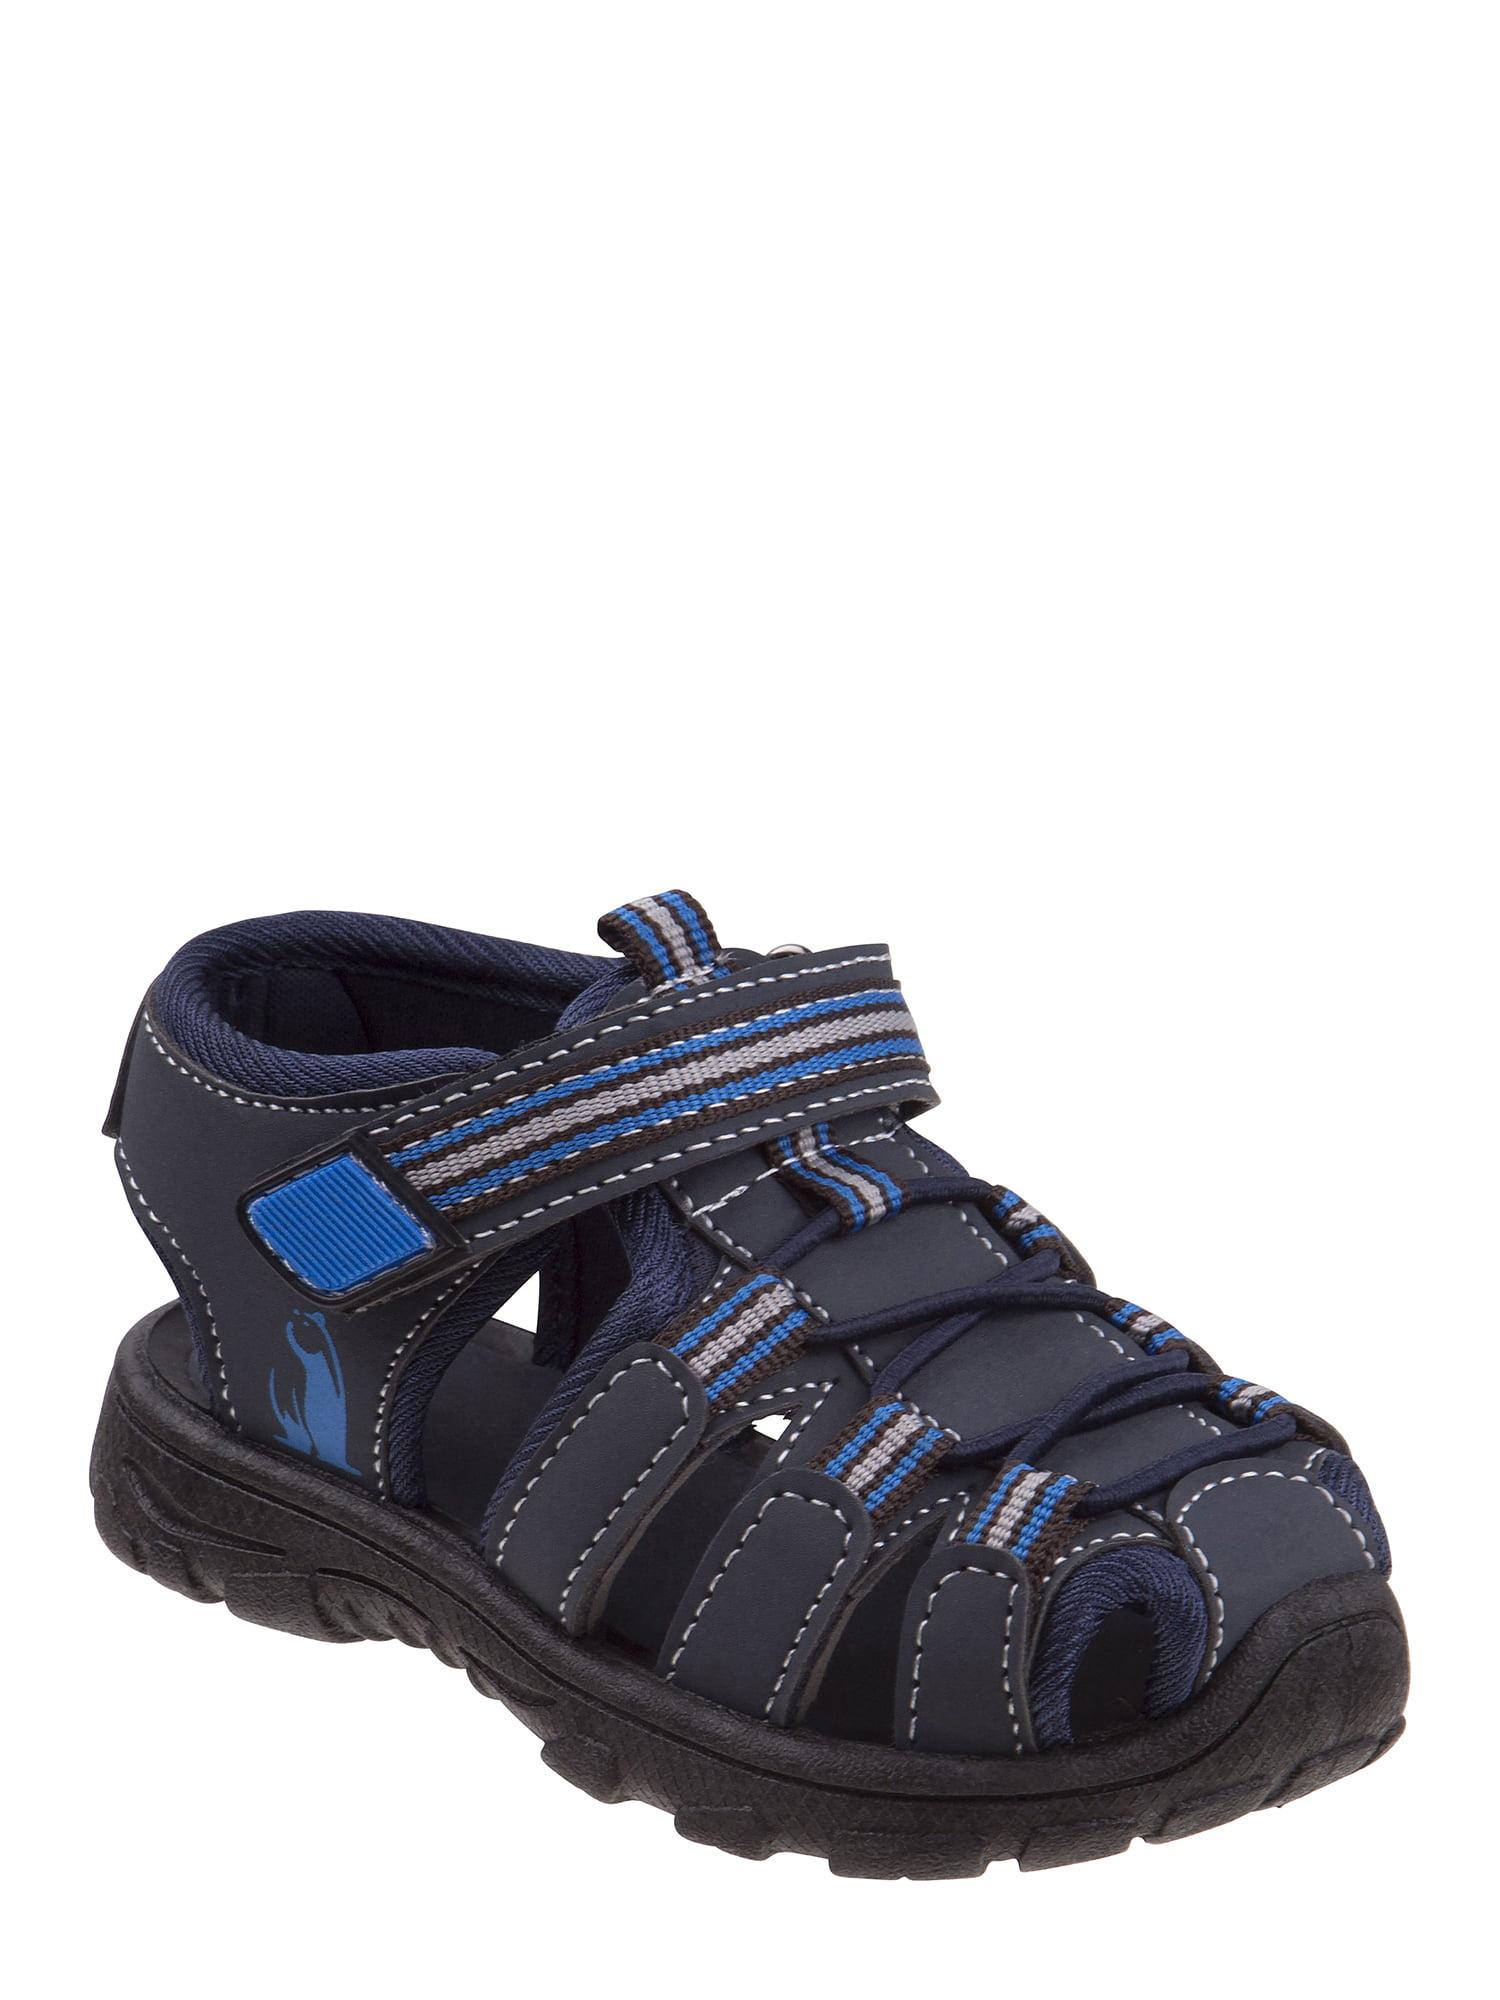 Rugged Bear - Rugged Bear Caged Sport Sandals (Toddler Boys) - Walmart.com  - Walmart.com